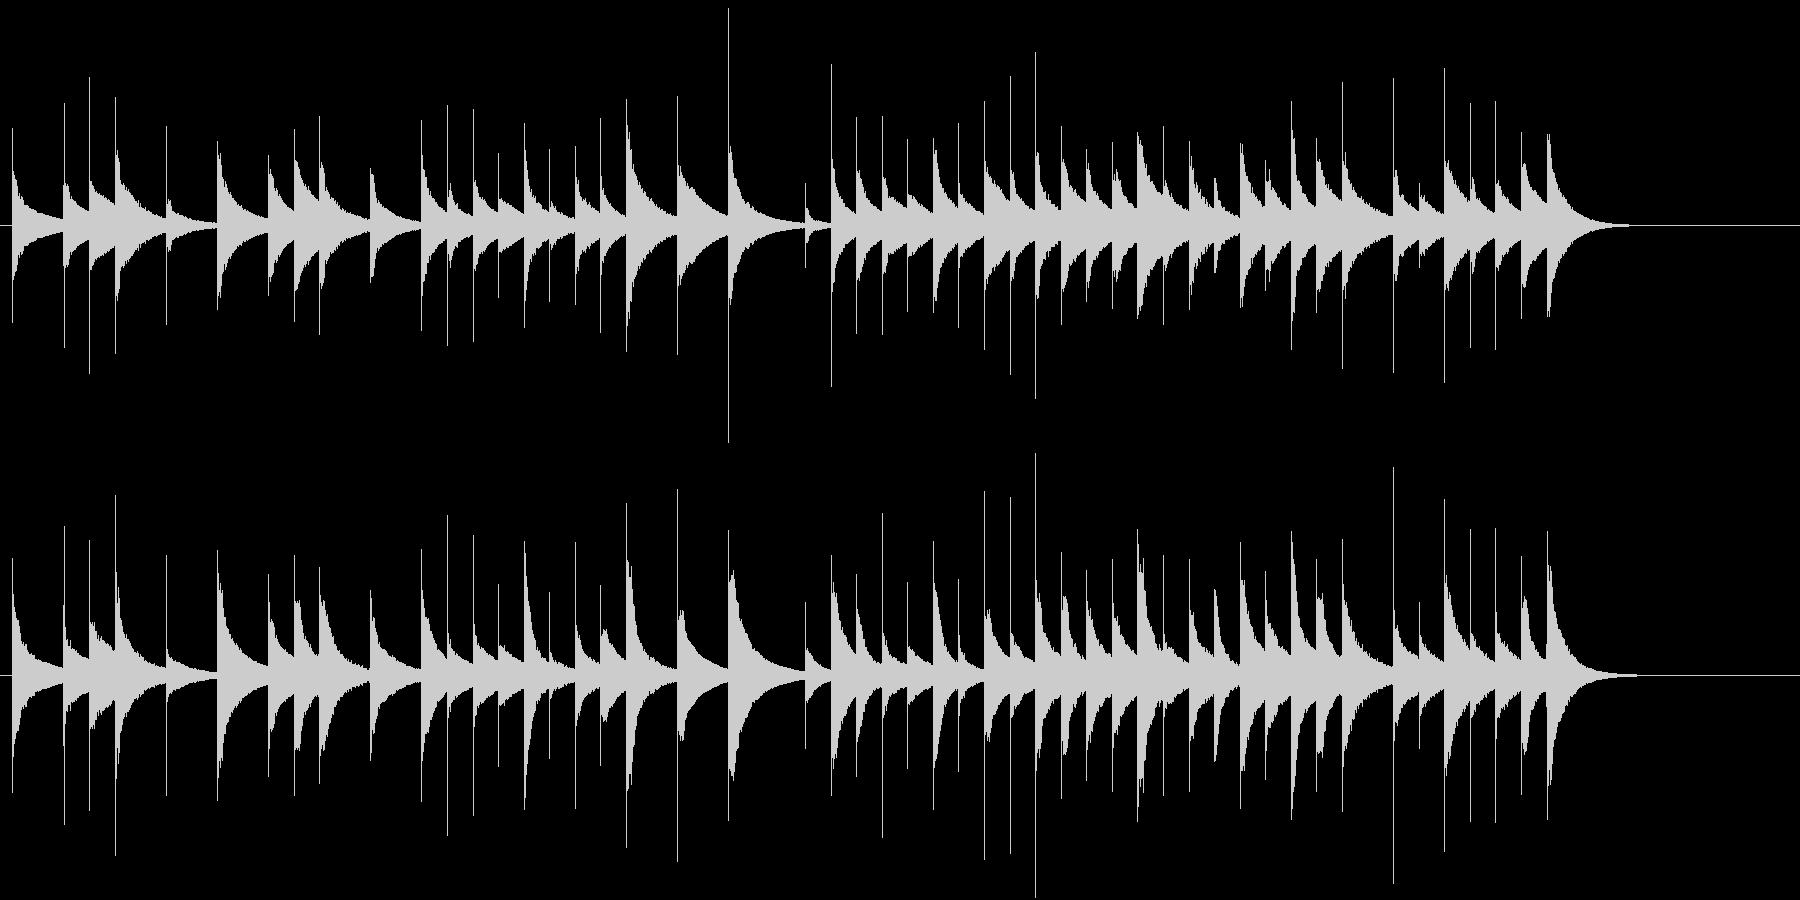 短めのオルゴール曲の未再生の波形